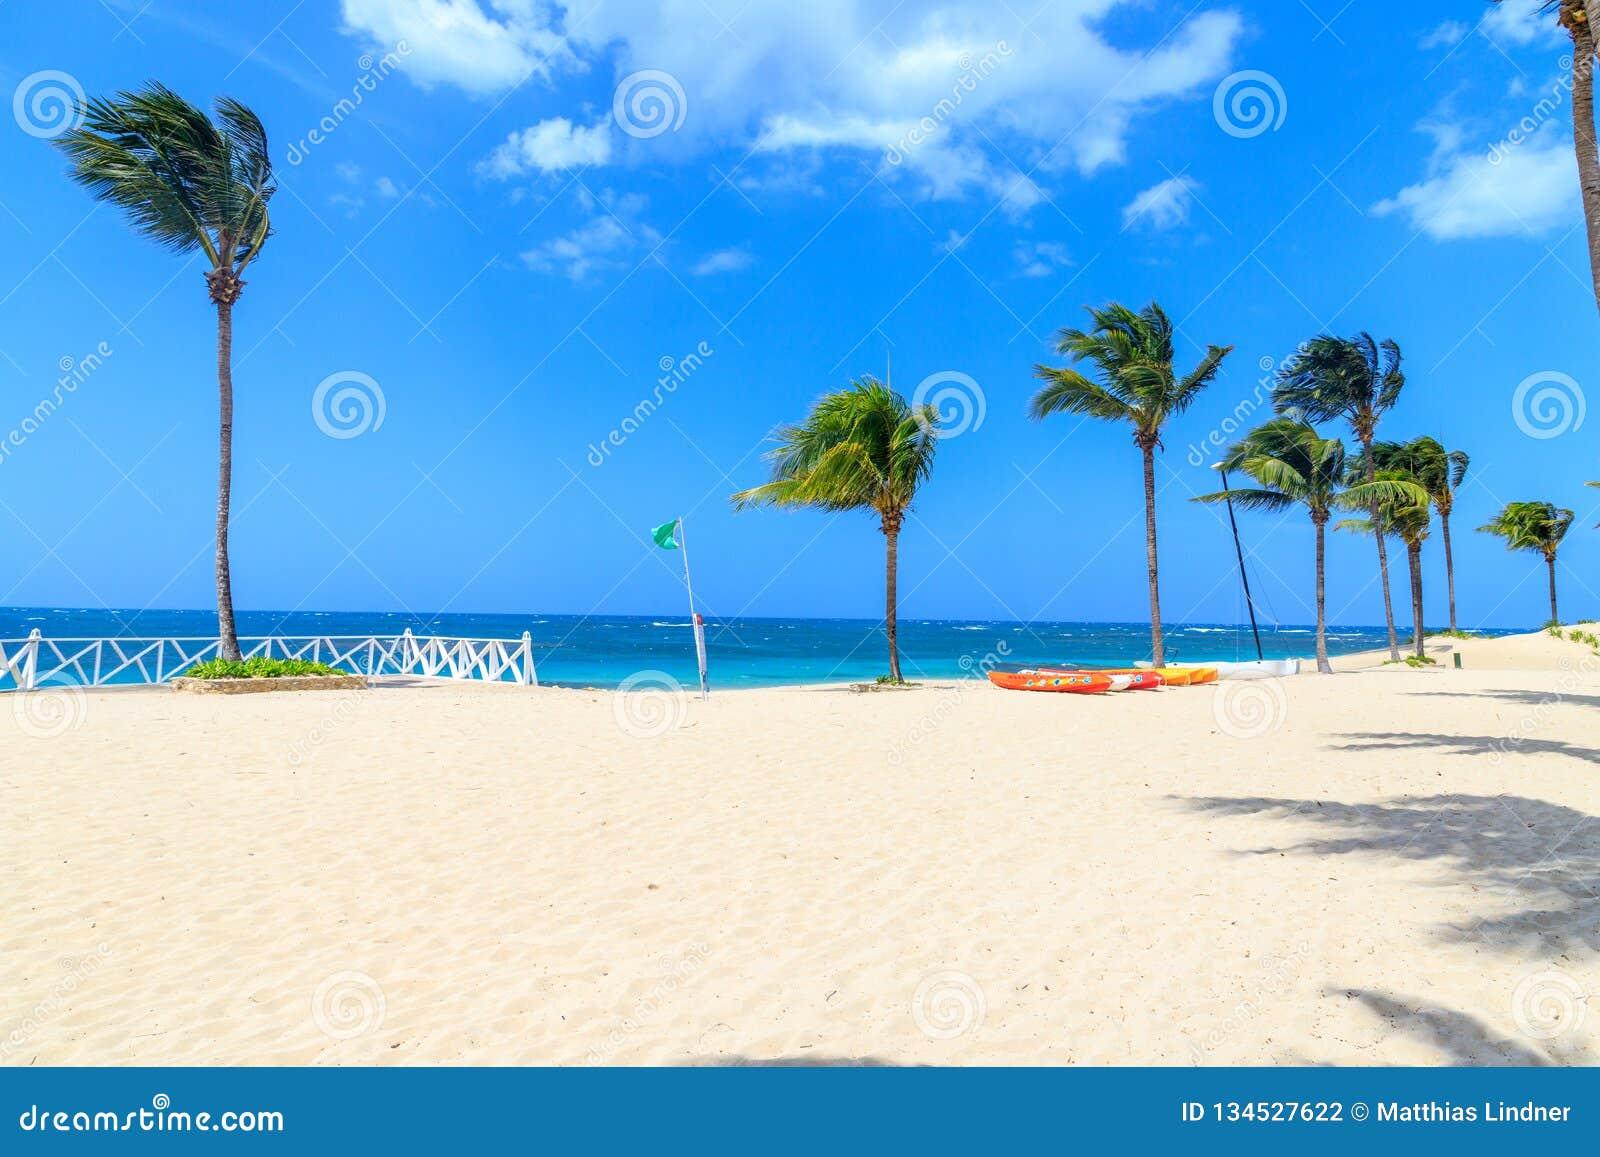 Le drapeau vert sur la plage n indique aucun danger en se baignant La république dominicaine